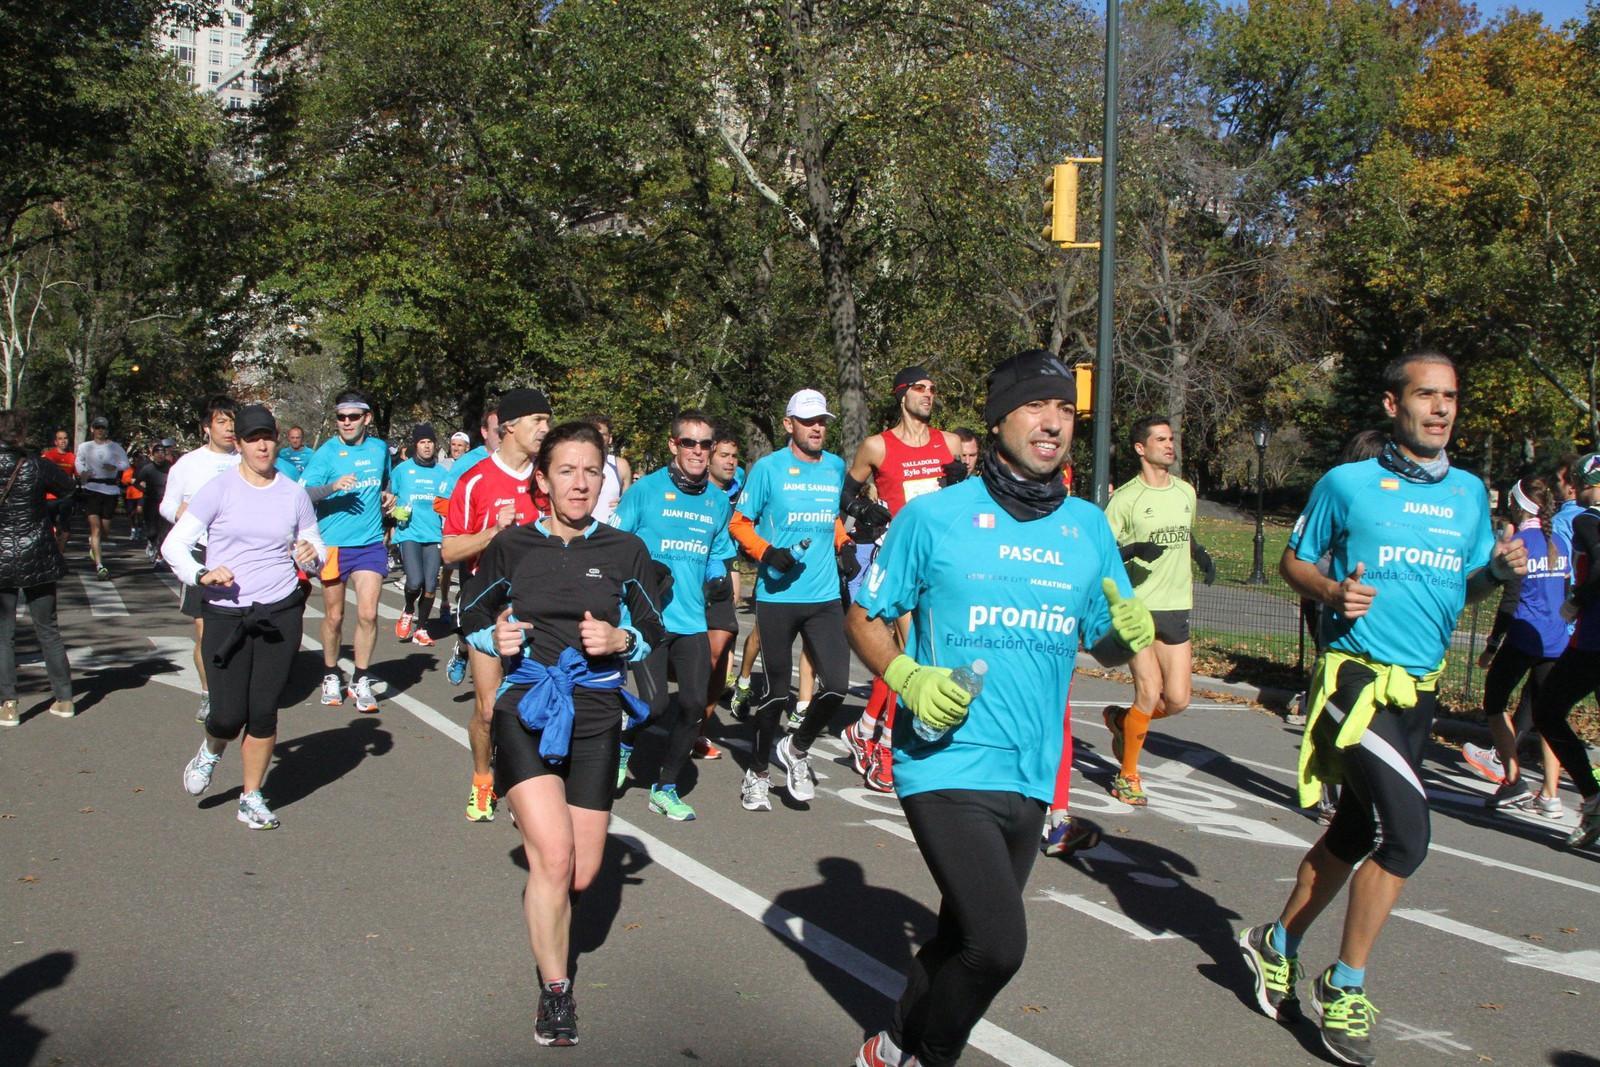 Central Park acogió el pequeño Maratón de Nueva York de los Amigos de Proniño.